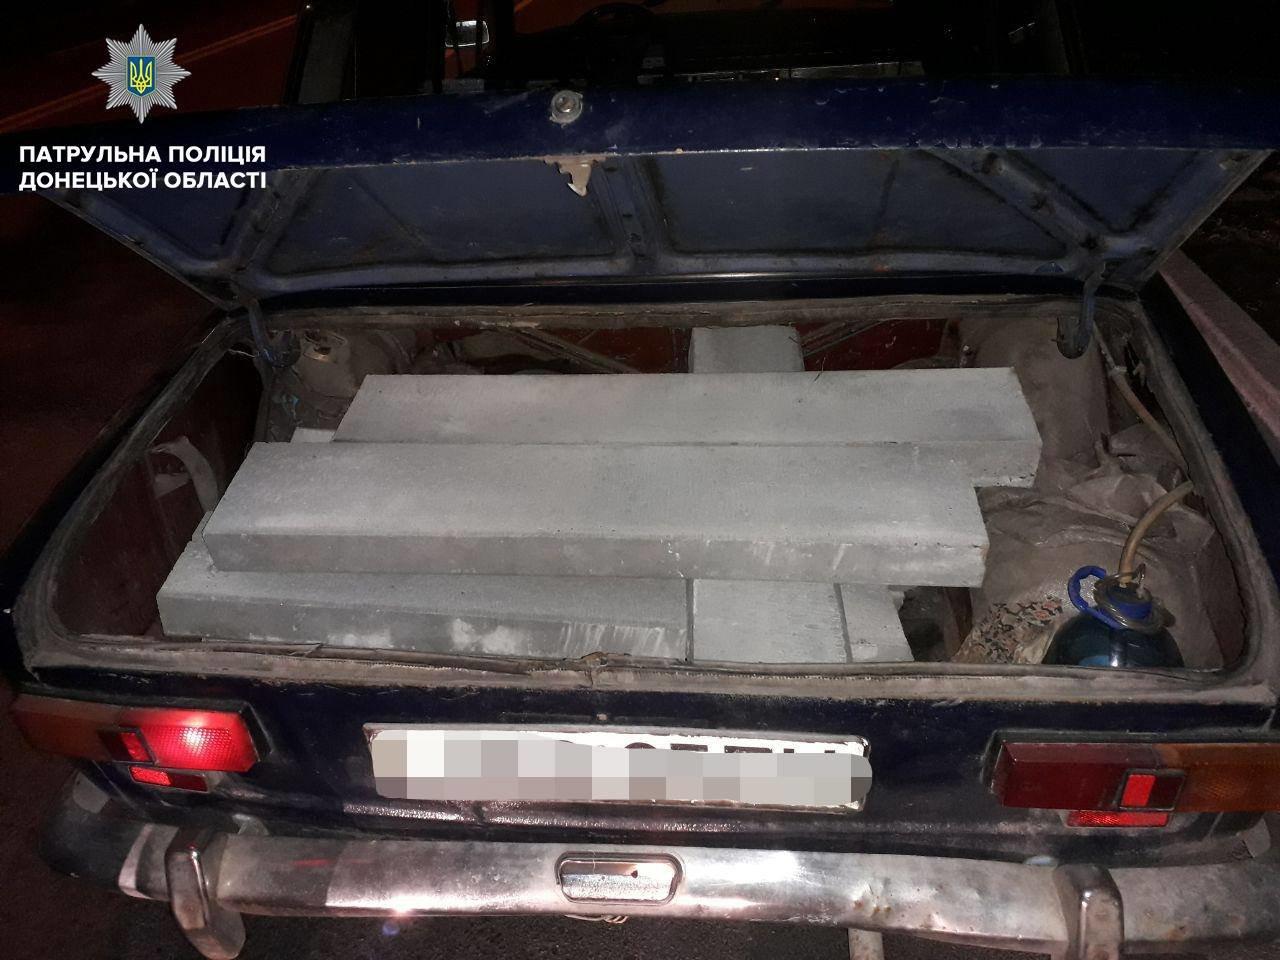 Патрульные задержали мариупольца, который пытался украсть новые бордюры, - ФОТО, фото-3